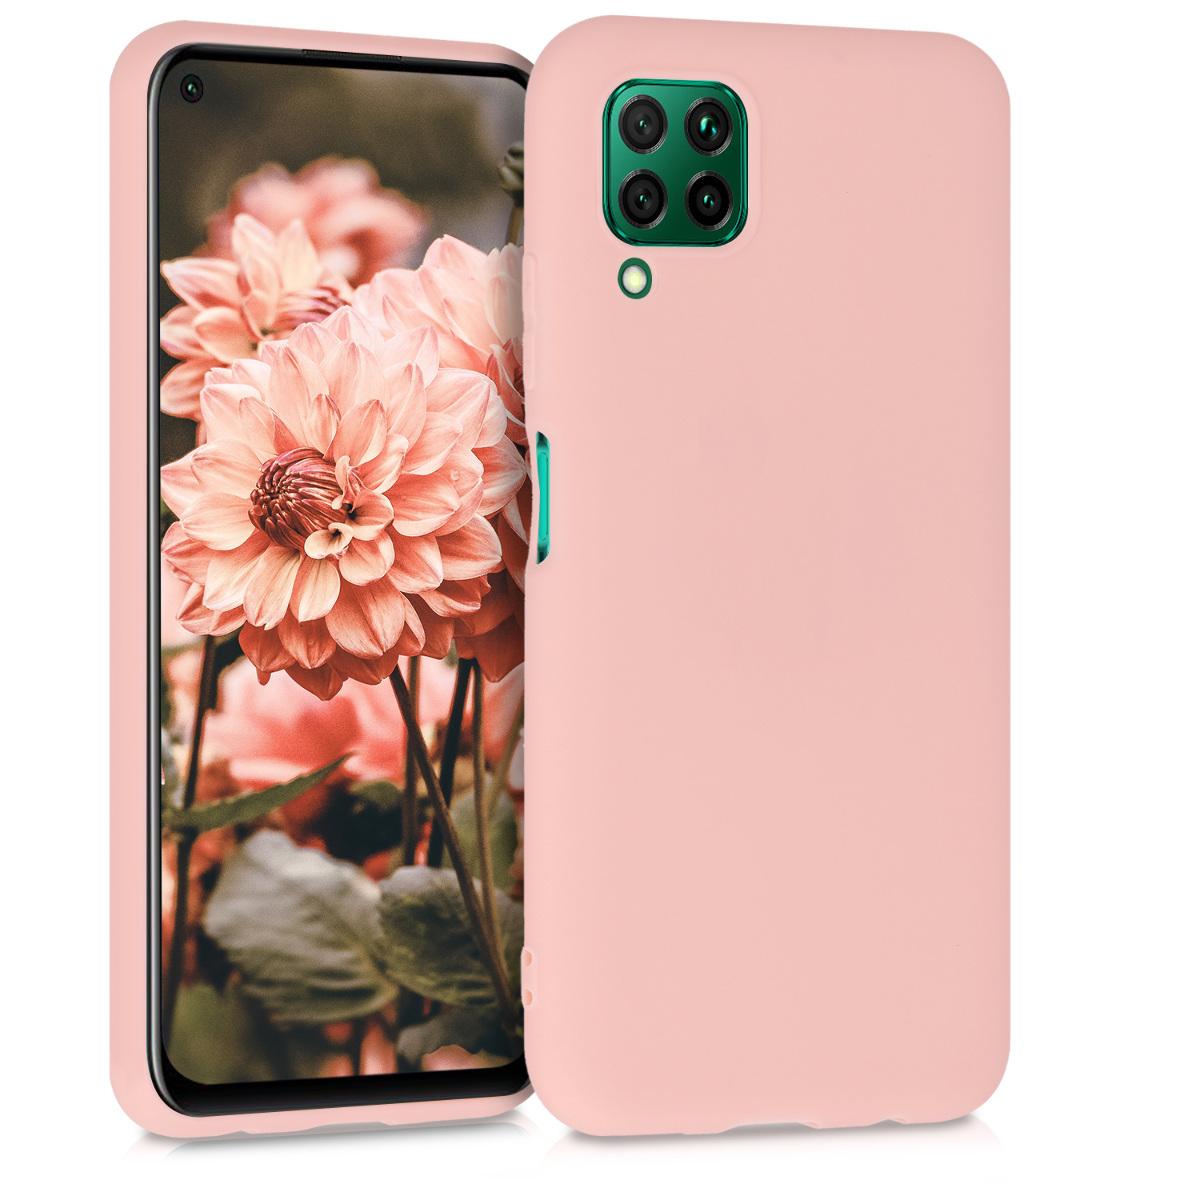 KW Θήκη Σιλικόνης Huawei P40 Lite - Rose Gold Matte (51519.89)